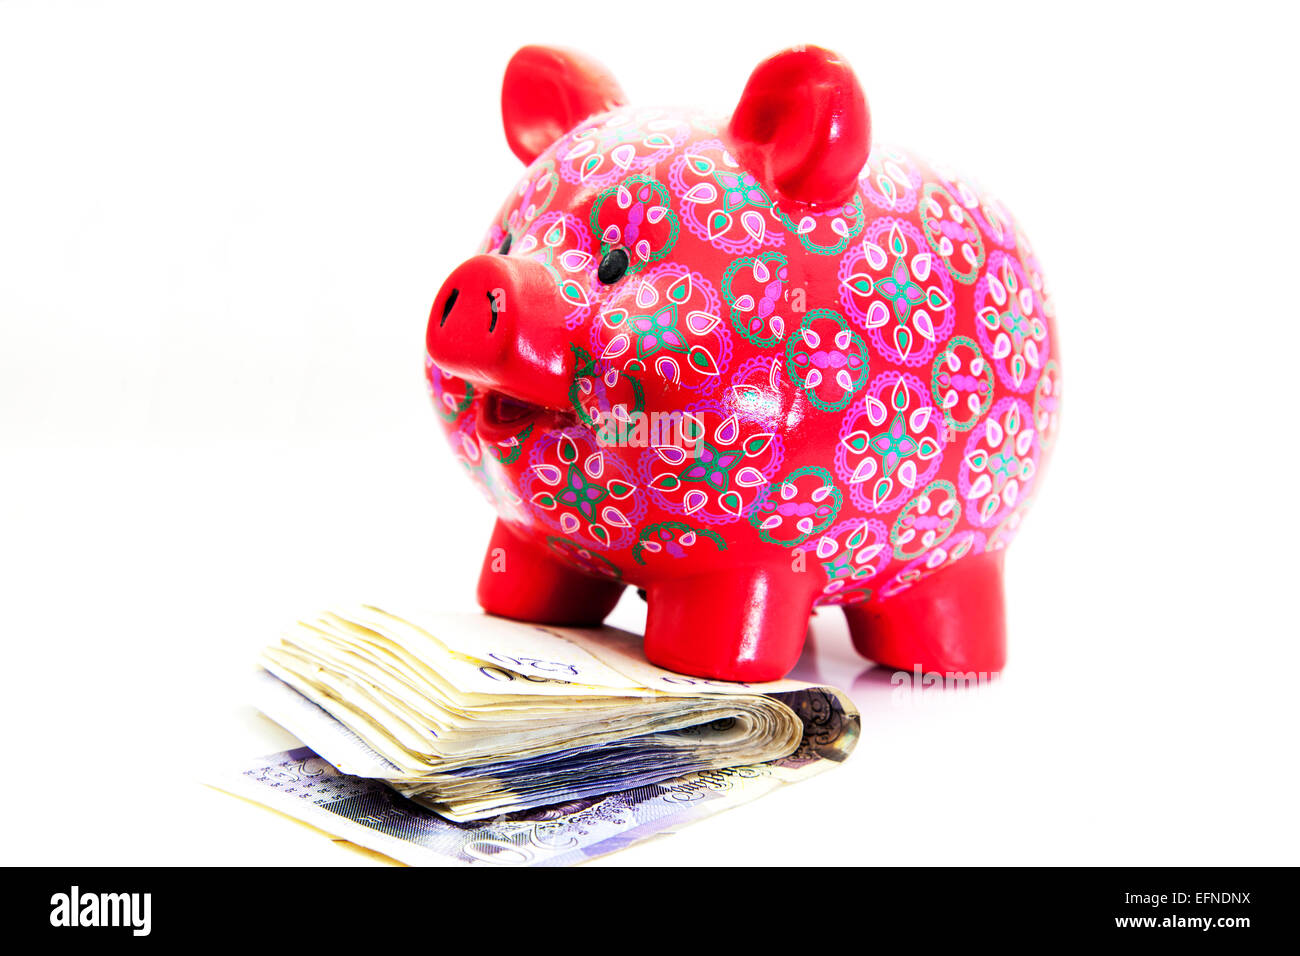 Sparen Sie zu Hause Bargeld Sparschwein sparen Einsparungen investieren Investition Investitionen Kopie Raum weißen Stockbild